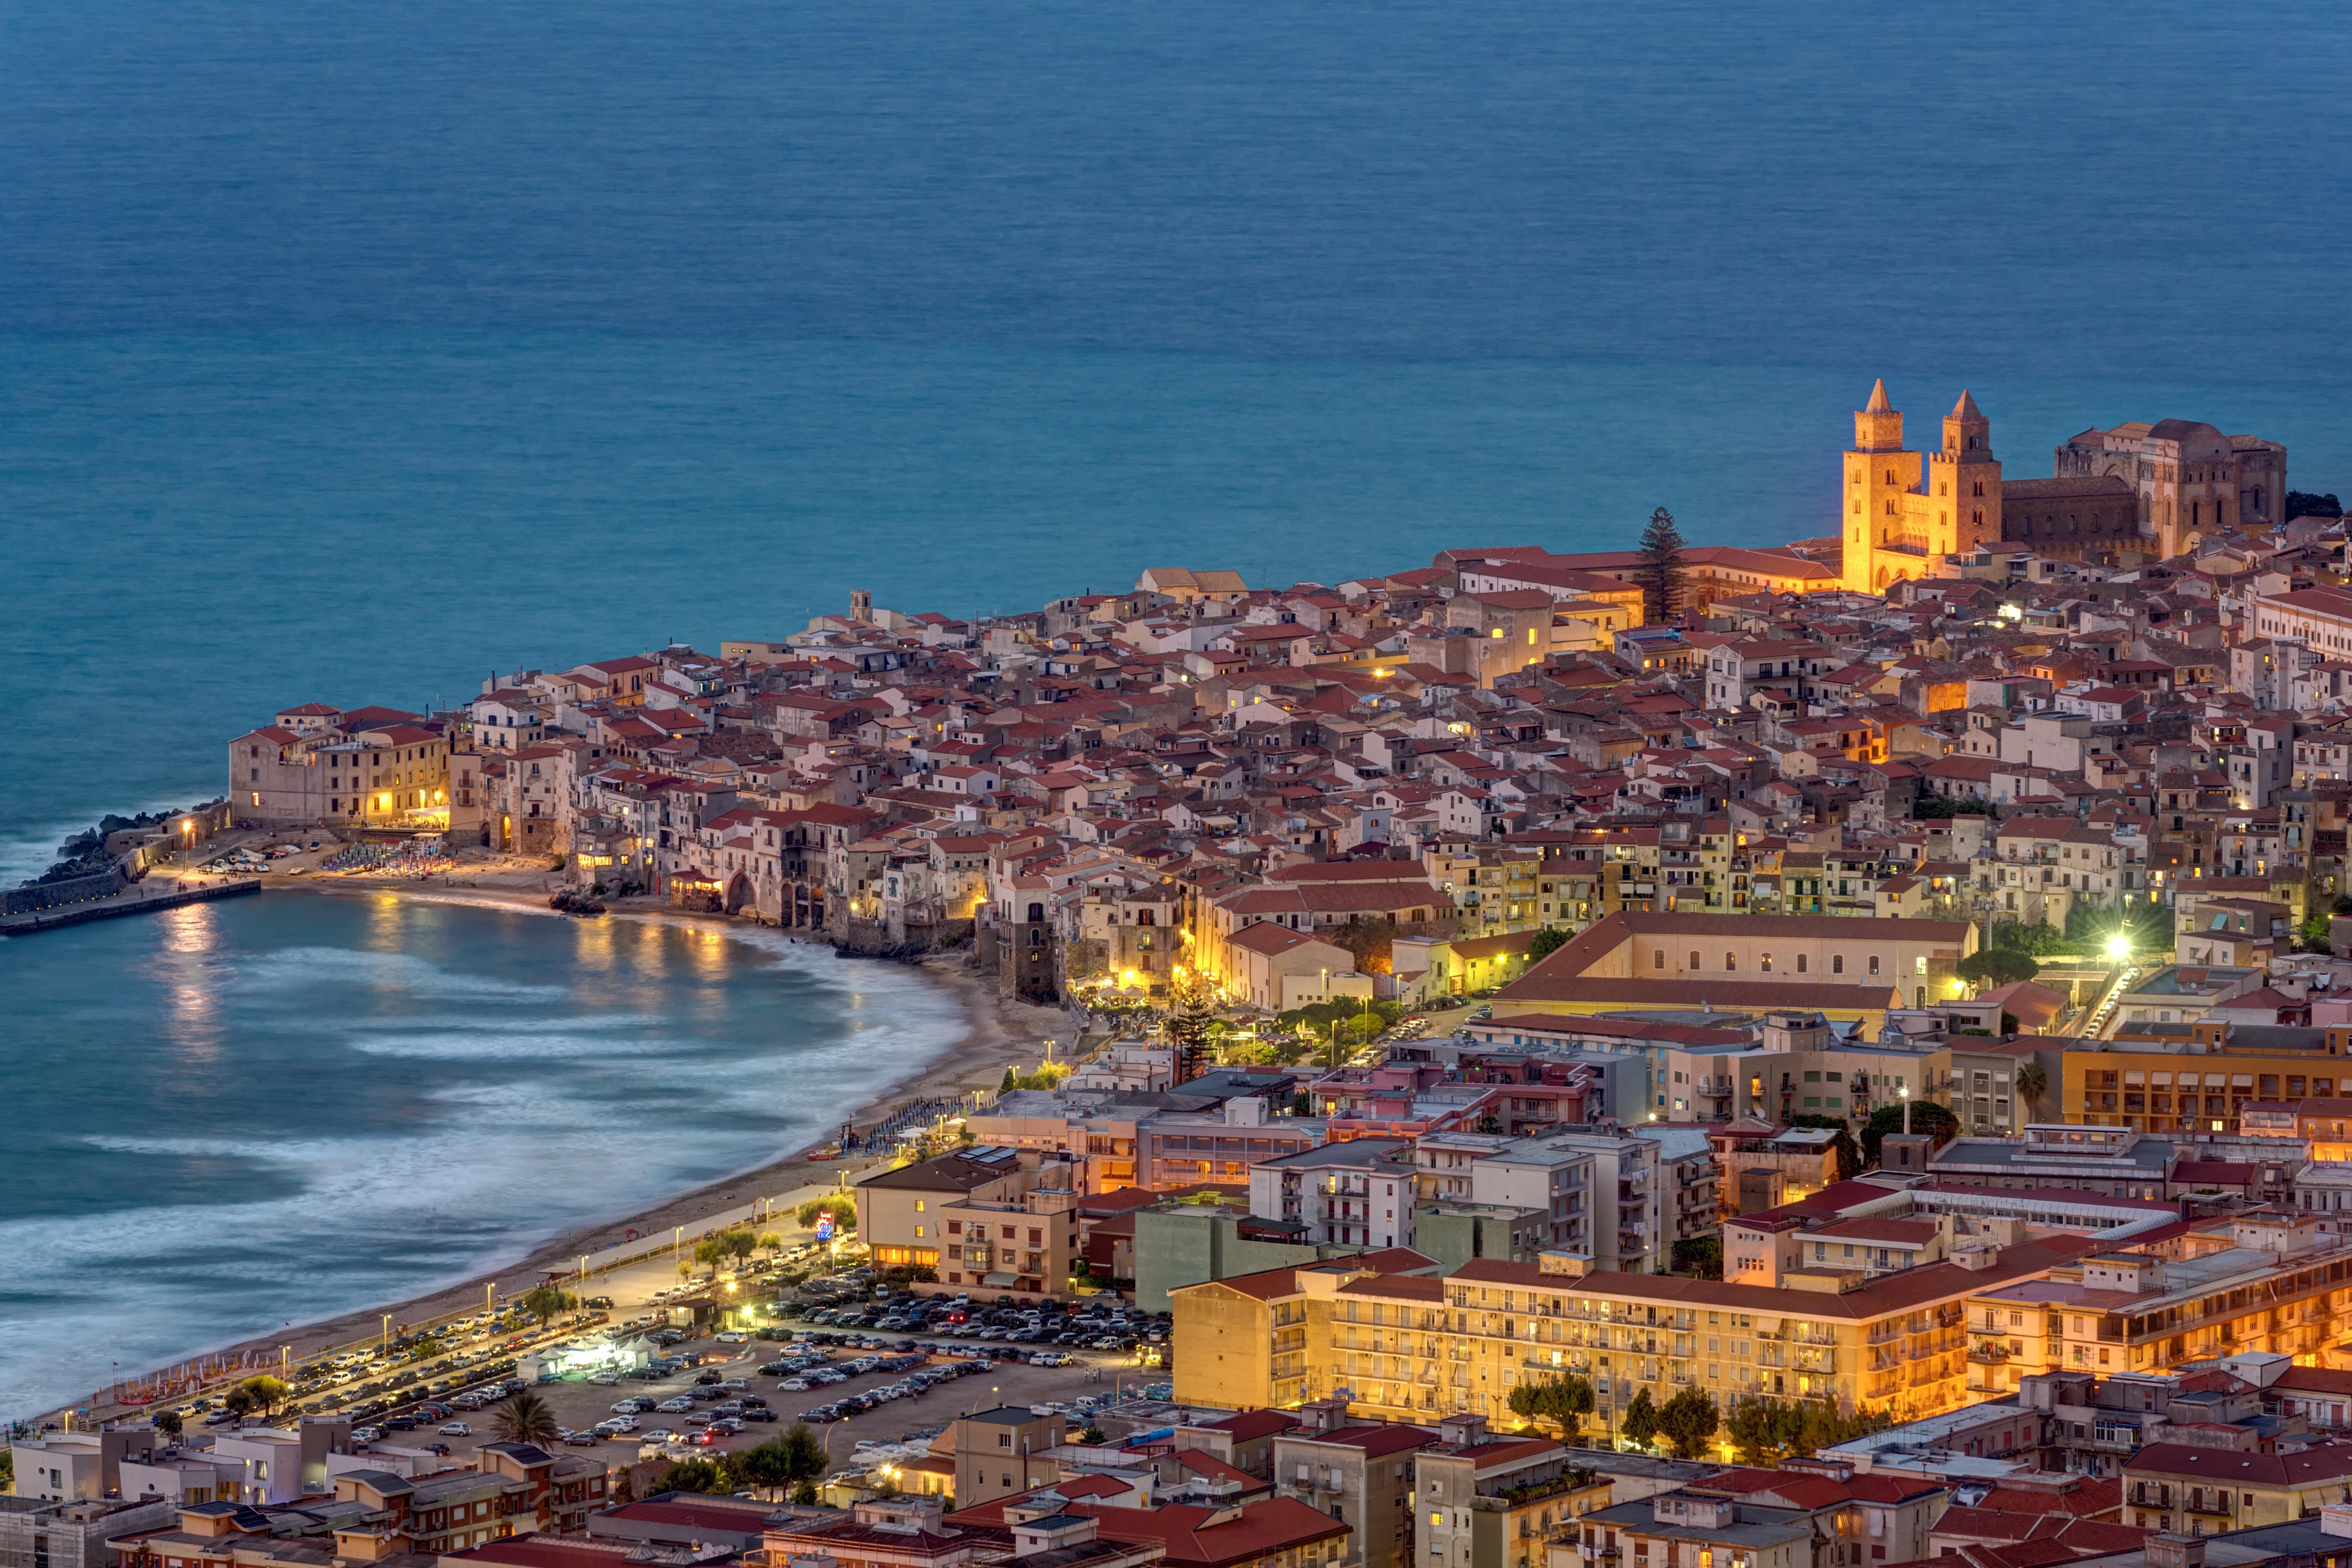 Broncéate en las bellas playas de Cefalú - Italia Circuito Sicilia Clásica